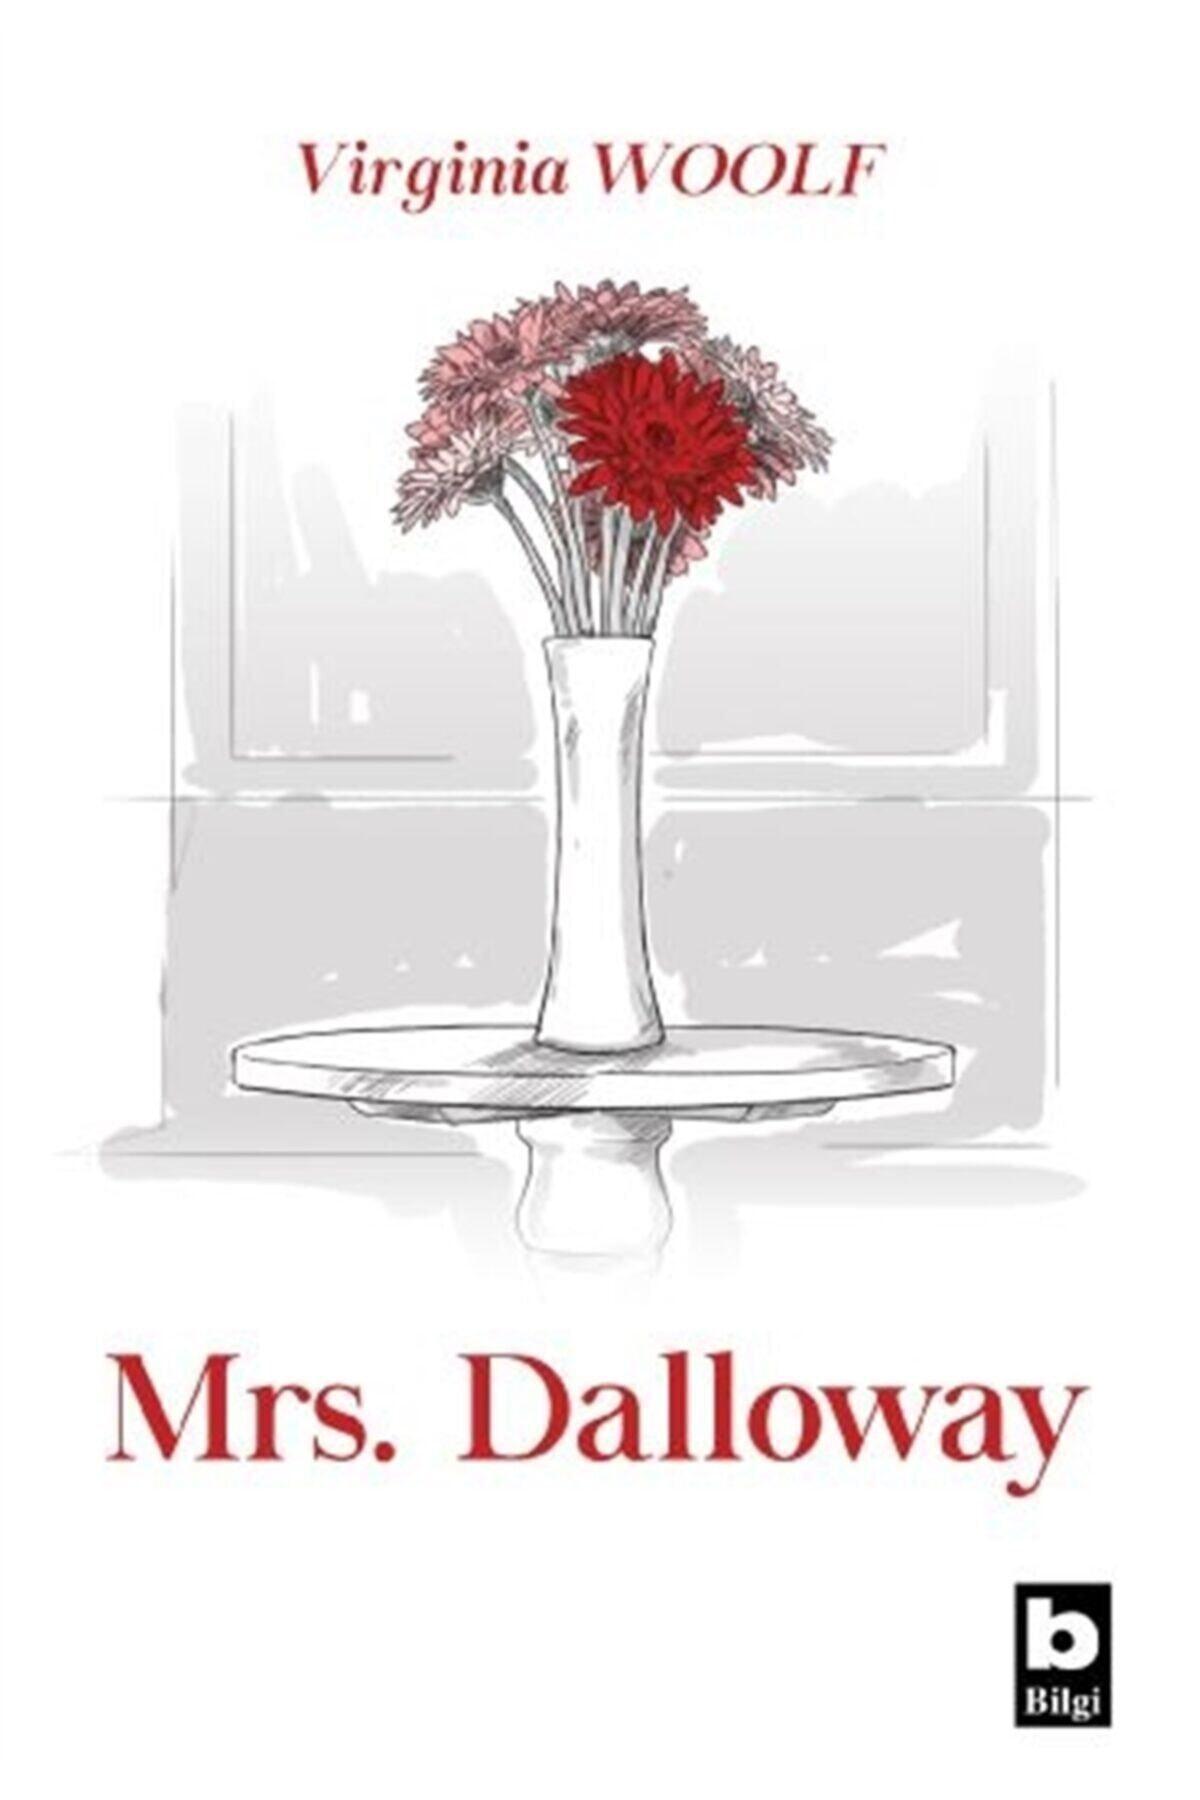 Bilgi Yayınevi Mrs. Dalloway - Virginia Woolf 1